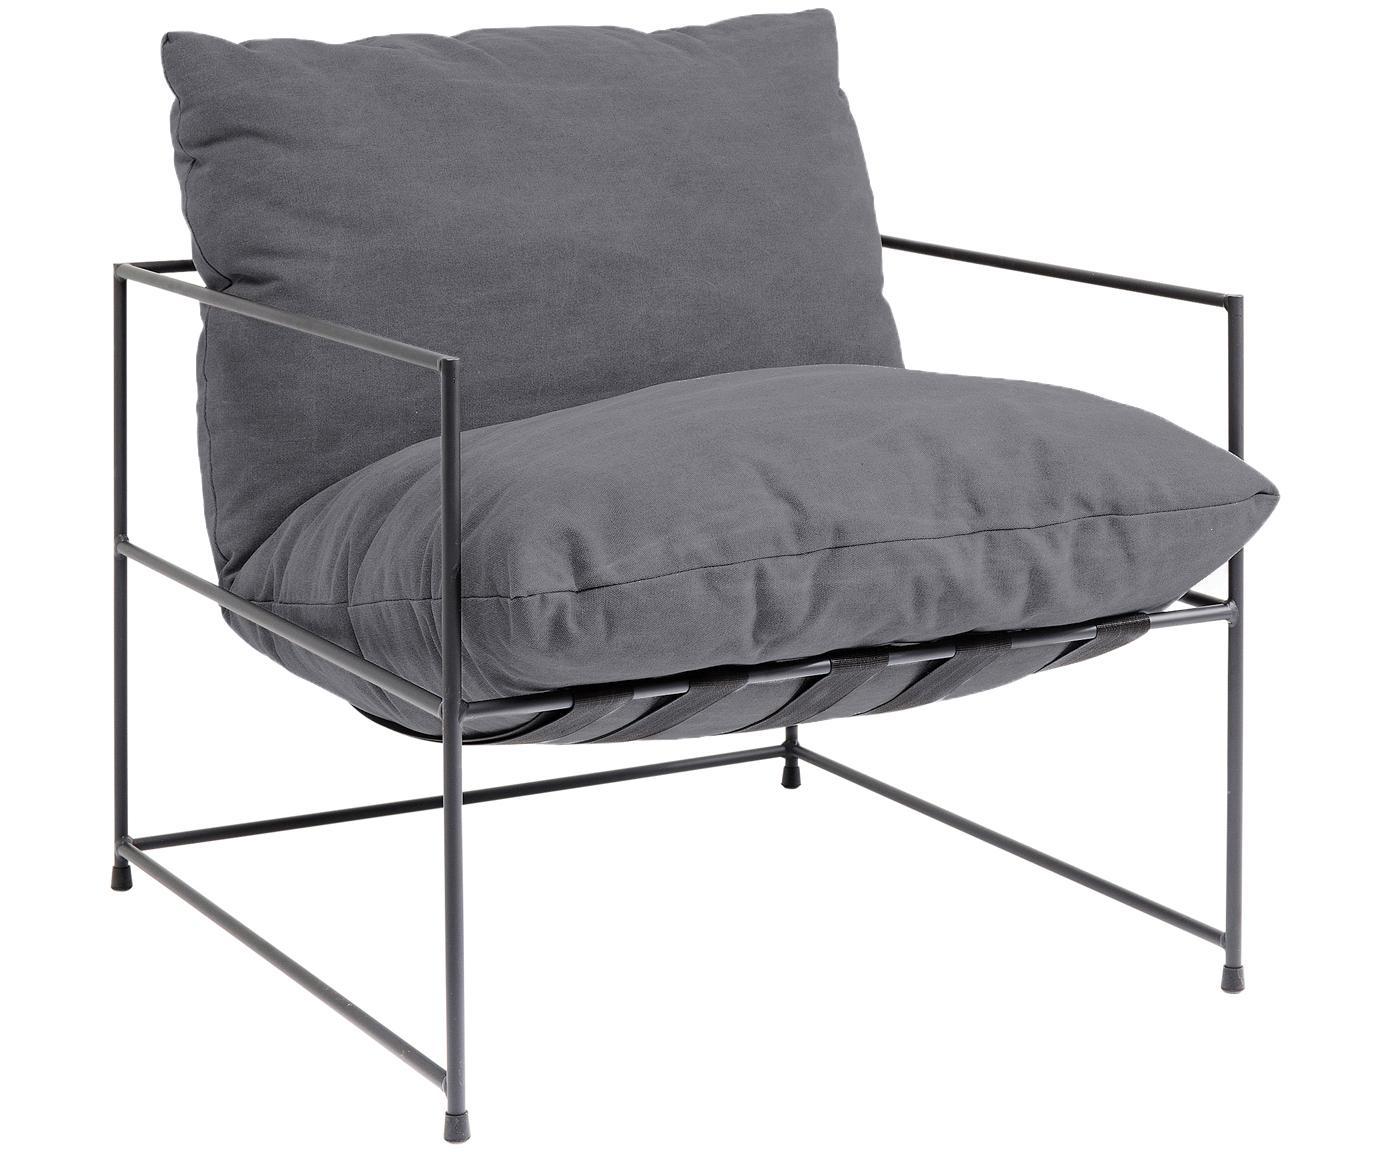 Fotel Cornwall, Tapicerka: 85% bawełna, 15% polieste, Stelaż: stal, malowana proszkowo, Stelaż: guma, Szary, S 72 x G 75 cm